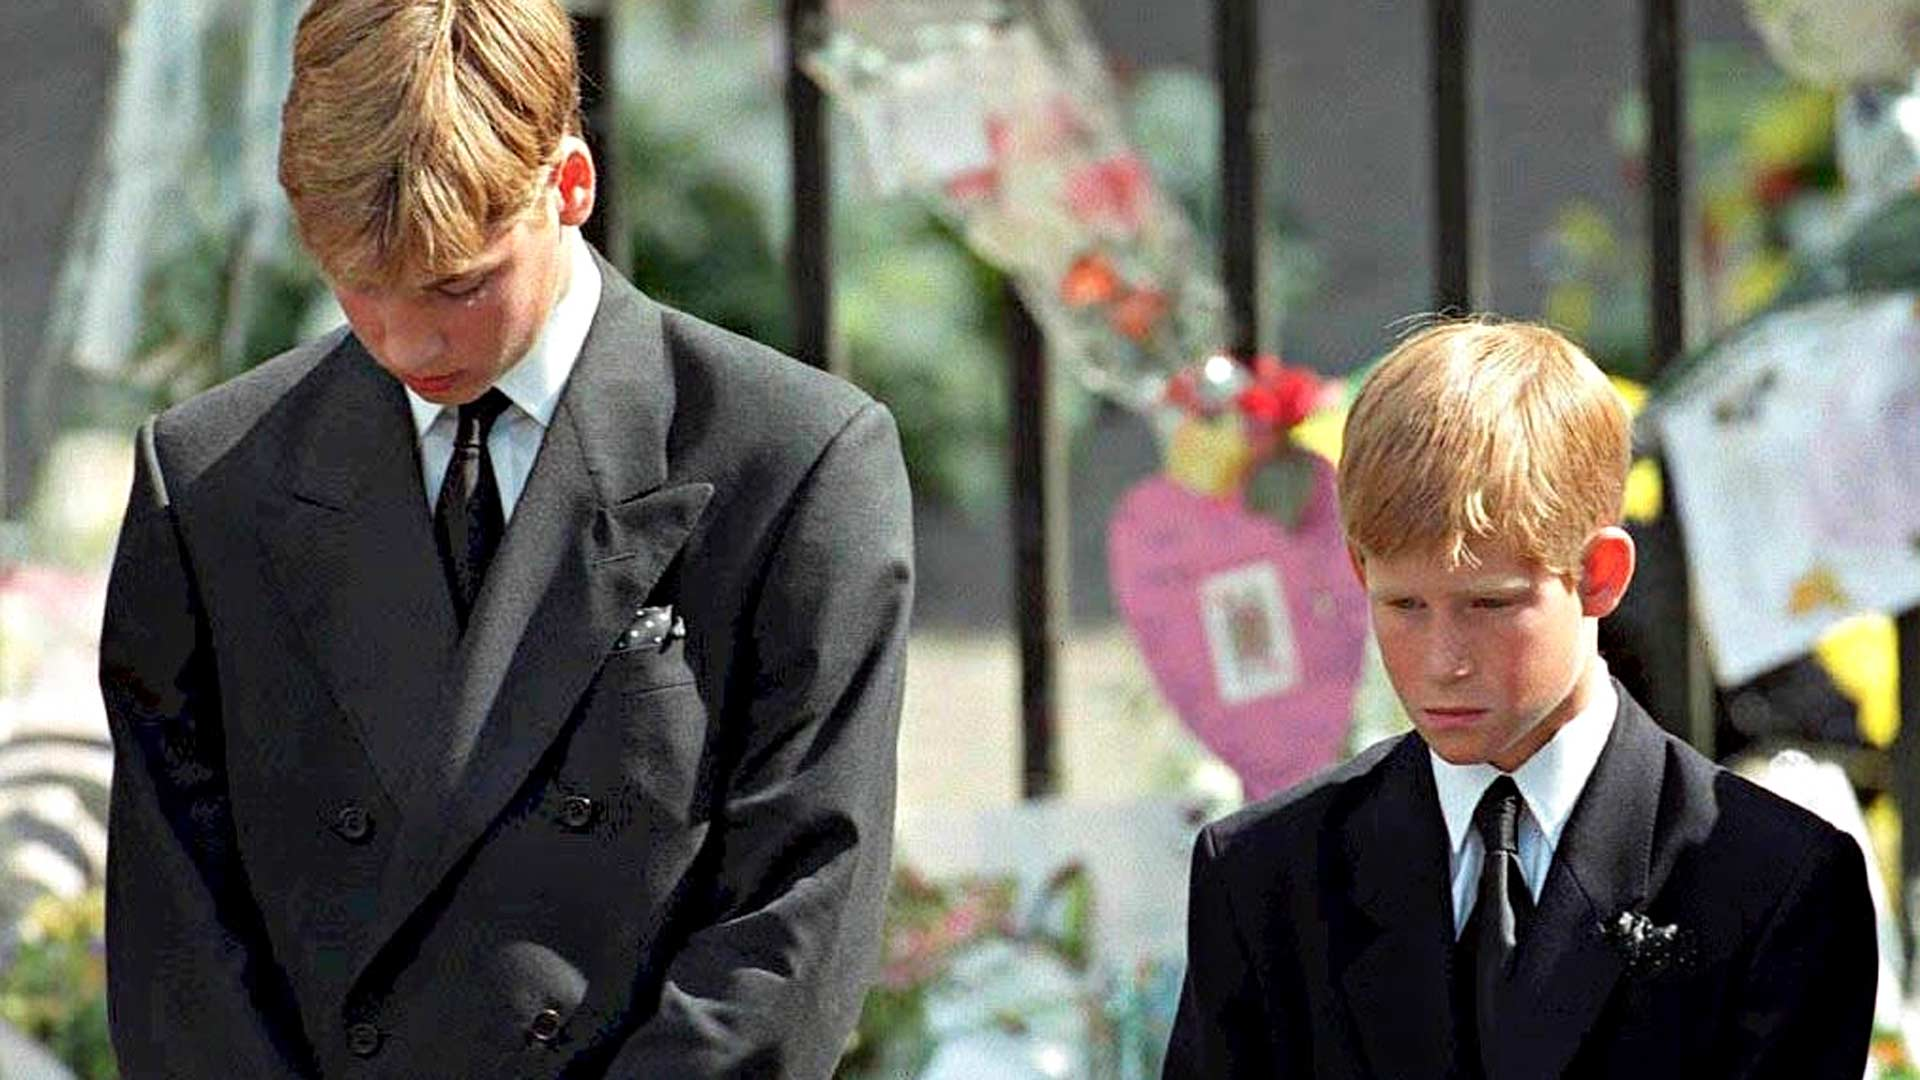 Prinssit menettivät äitinsä varhaisessa teini-iässä. Dianan hautajaisissa 6. Syyskuuta 1997 veljesten suru oli suunnaton.